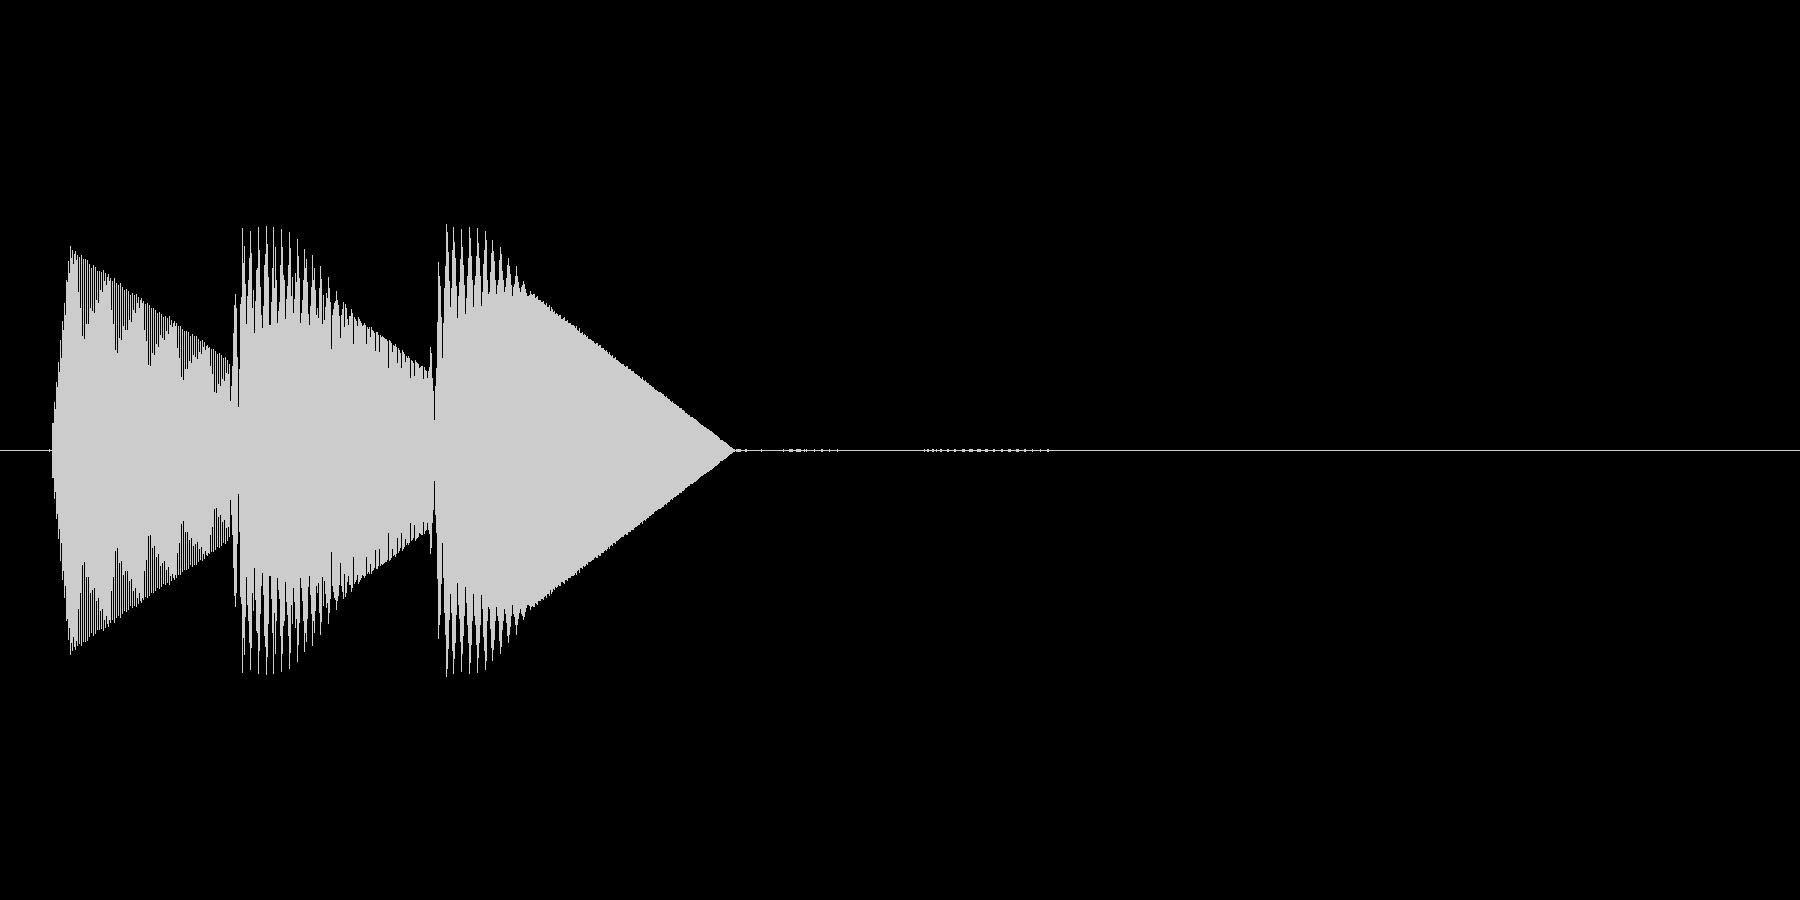 8bitのシステム音ピロン↑高音の未再生の波形